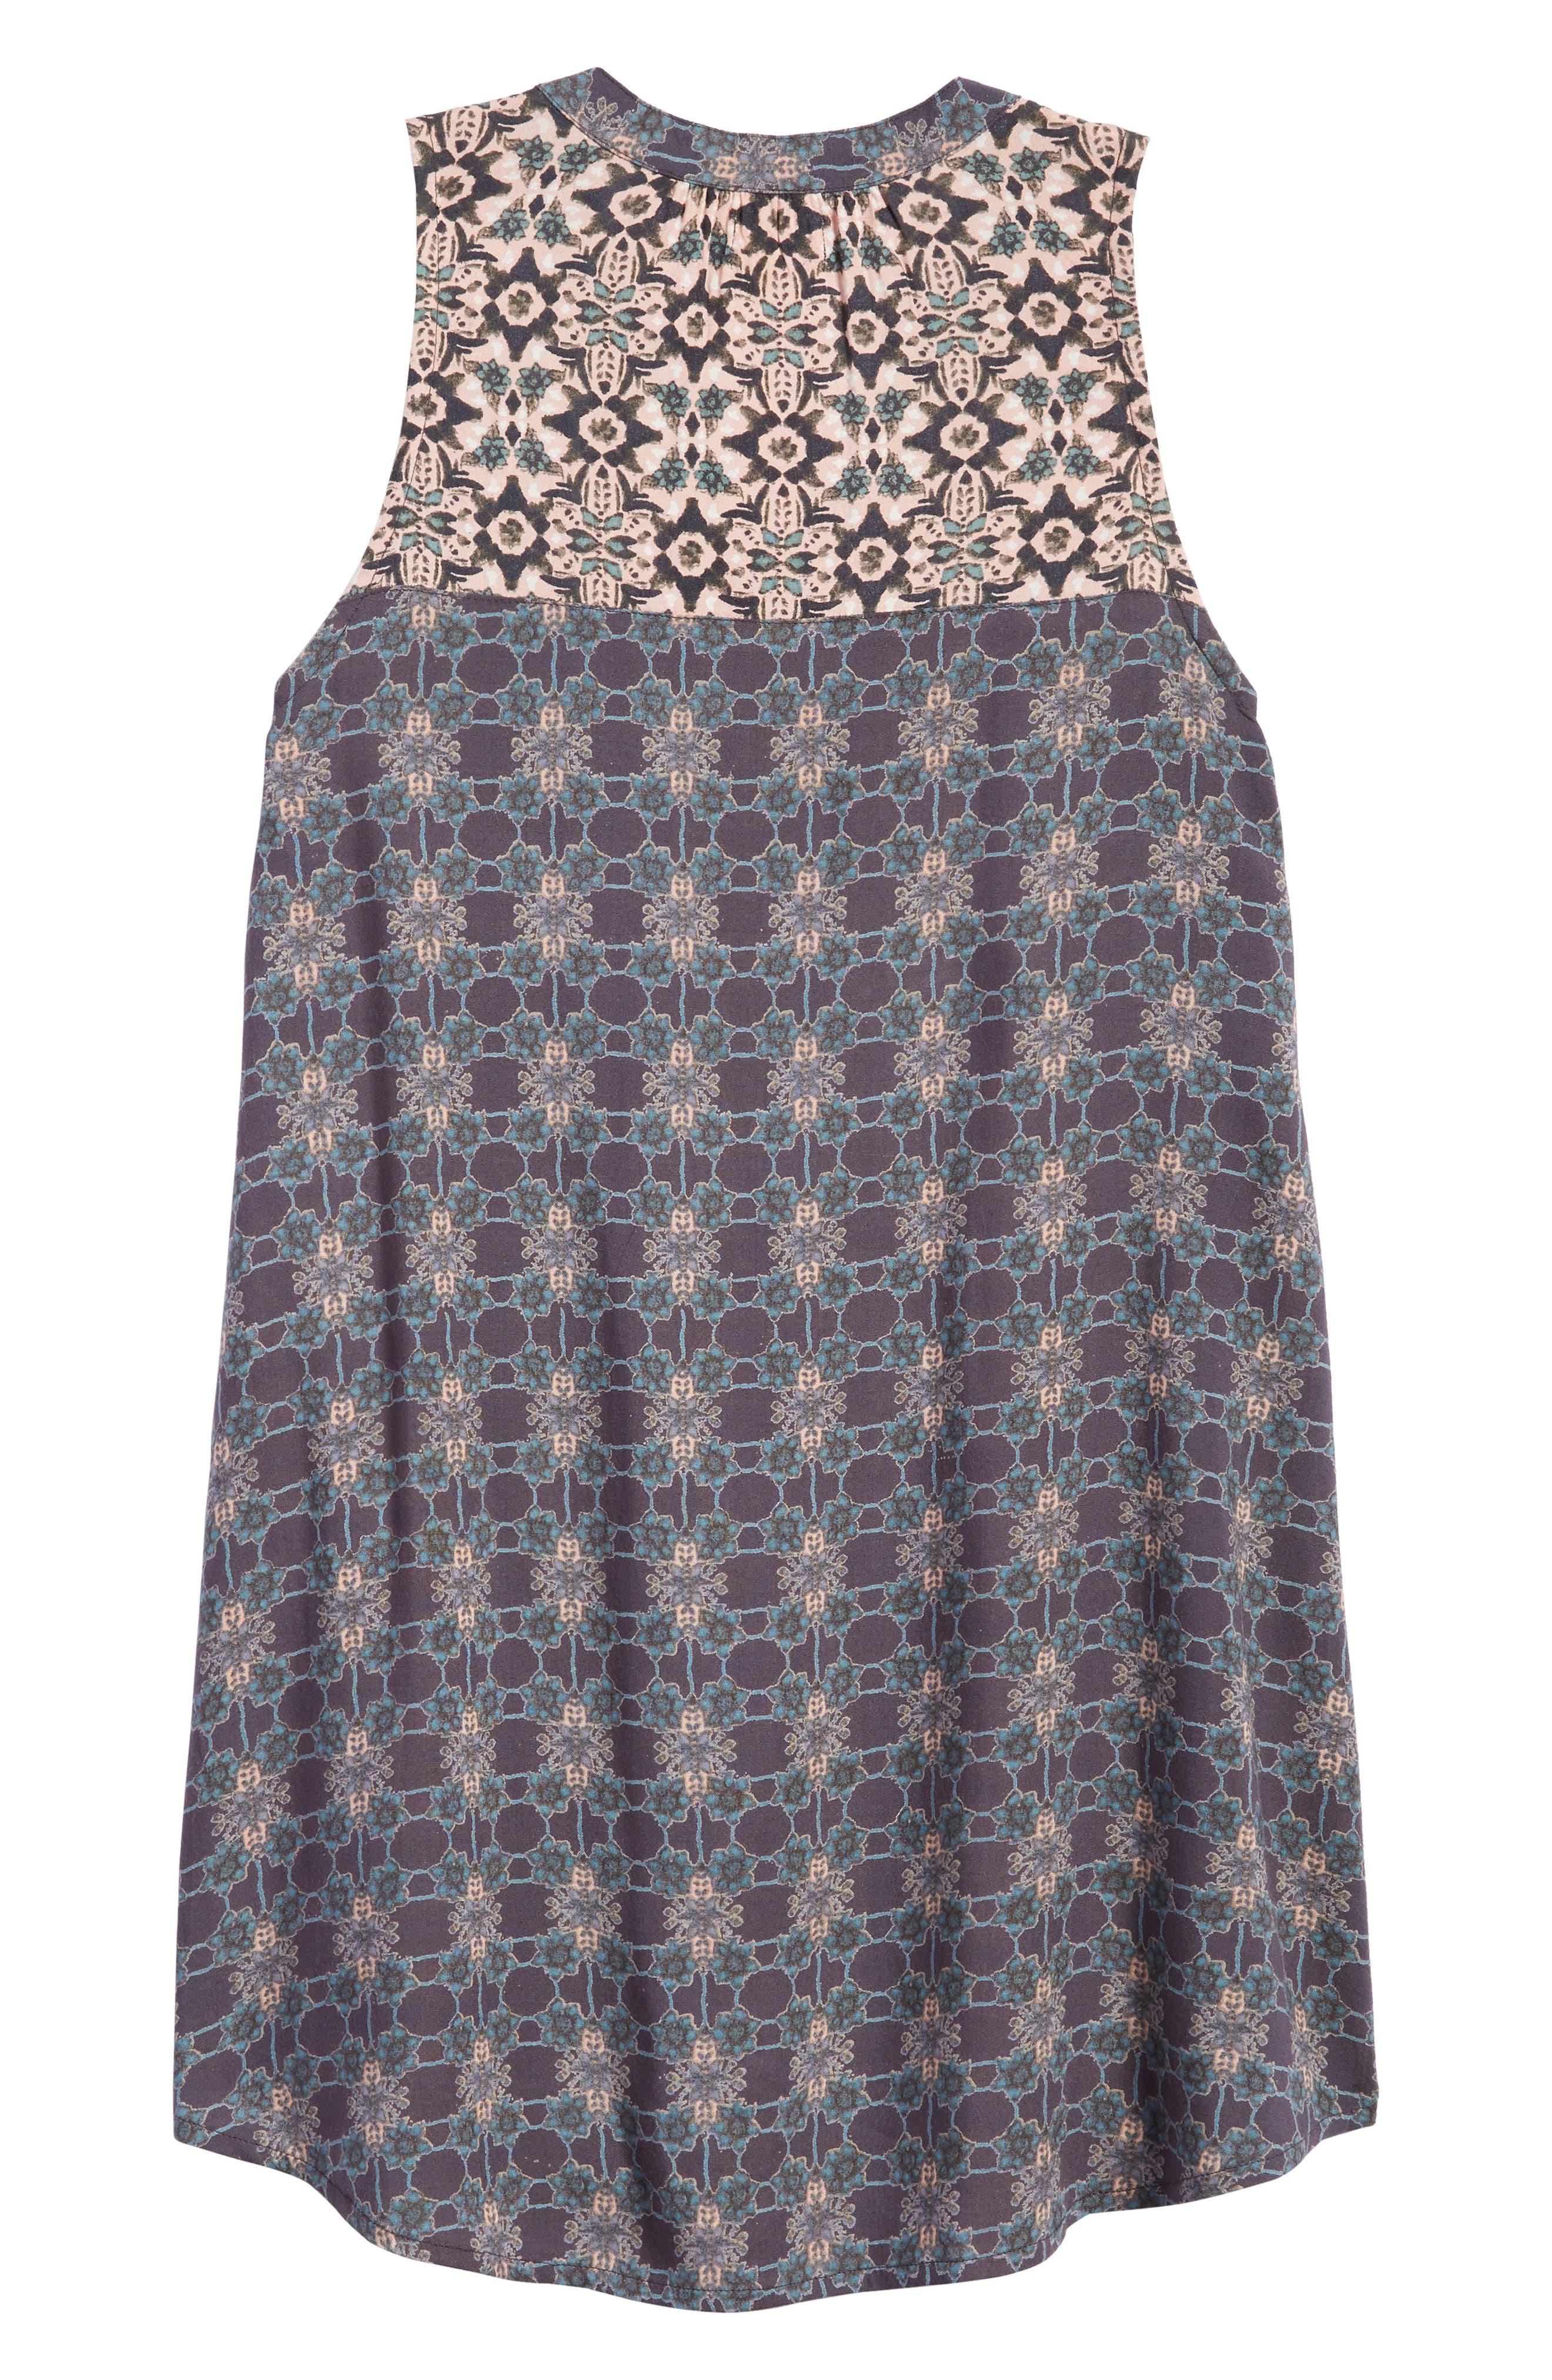 Gina Mixed Print Dress,                             Alternate thumbnail 2, color,                             021